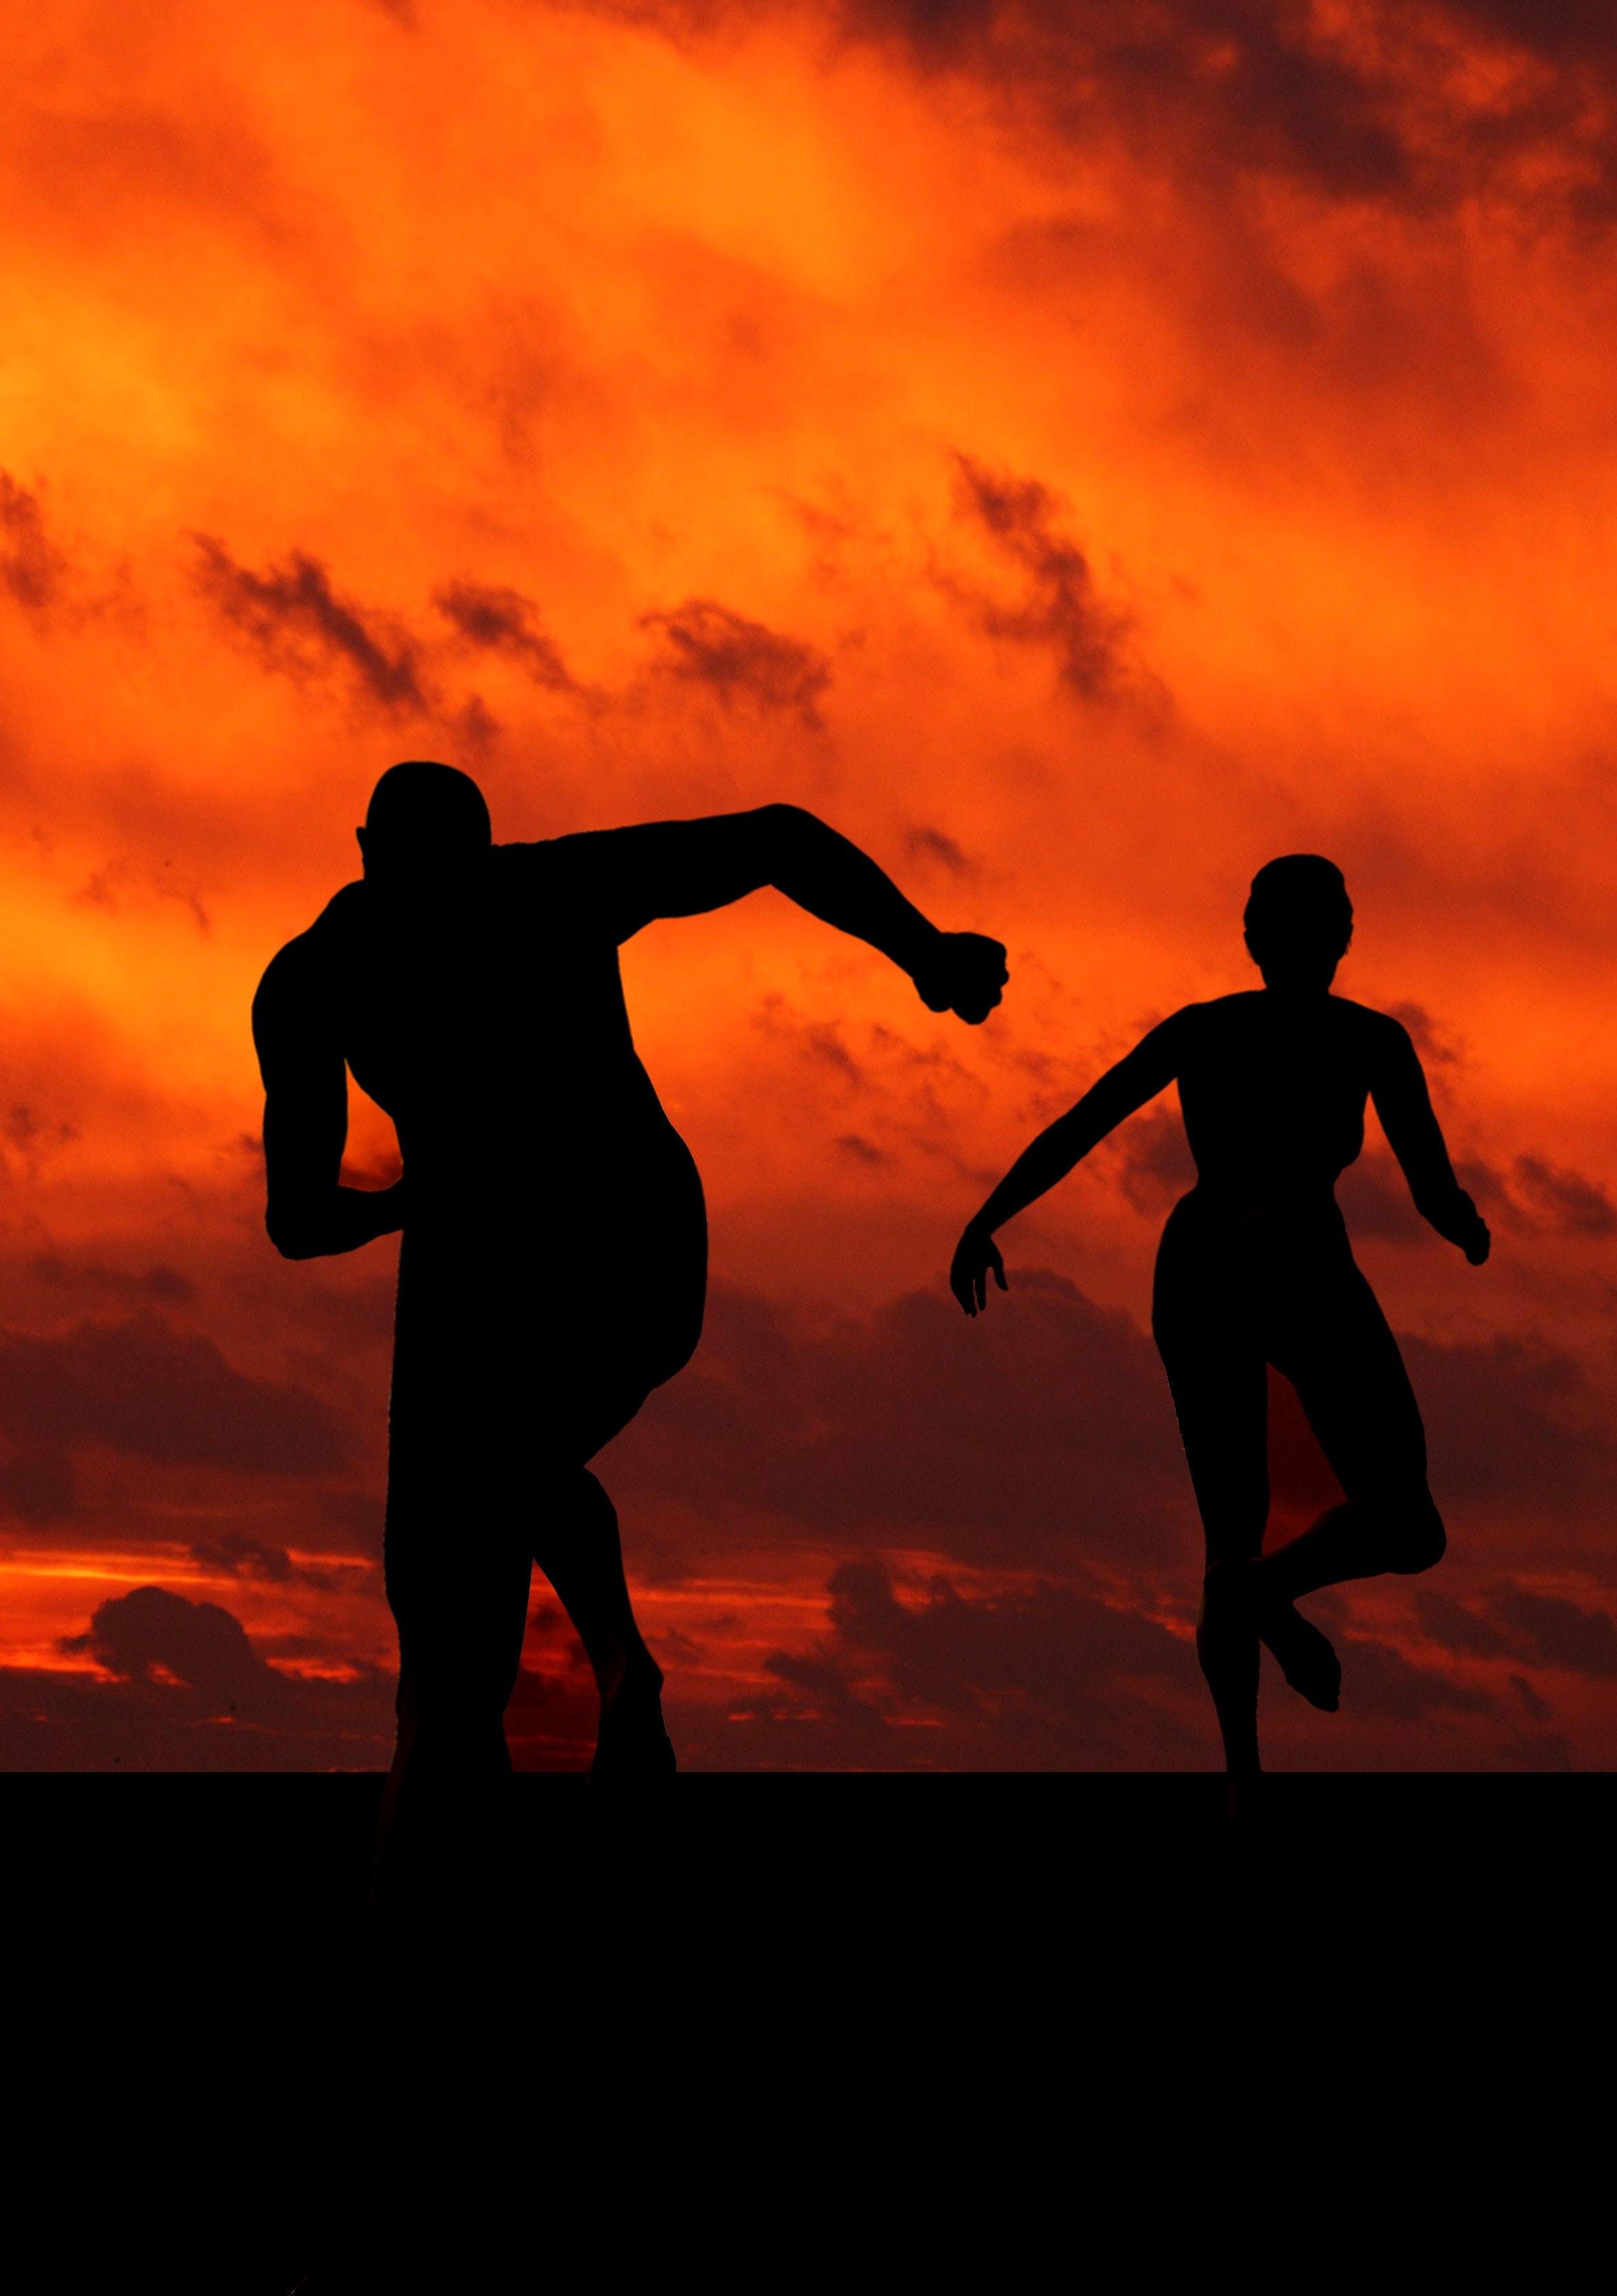 atletler, dişi, erkek, grafik içeren Ücretsiz stok fotoğraf